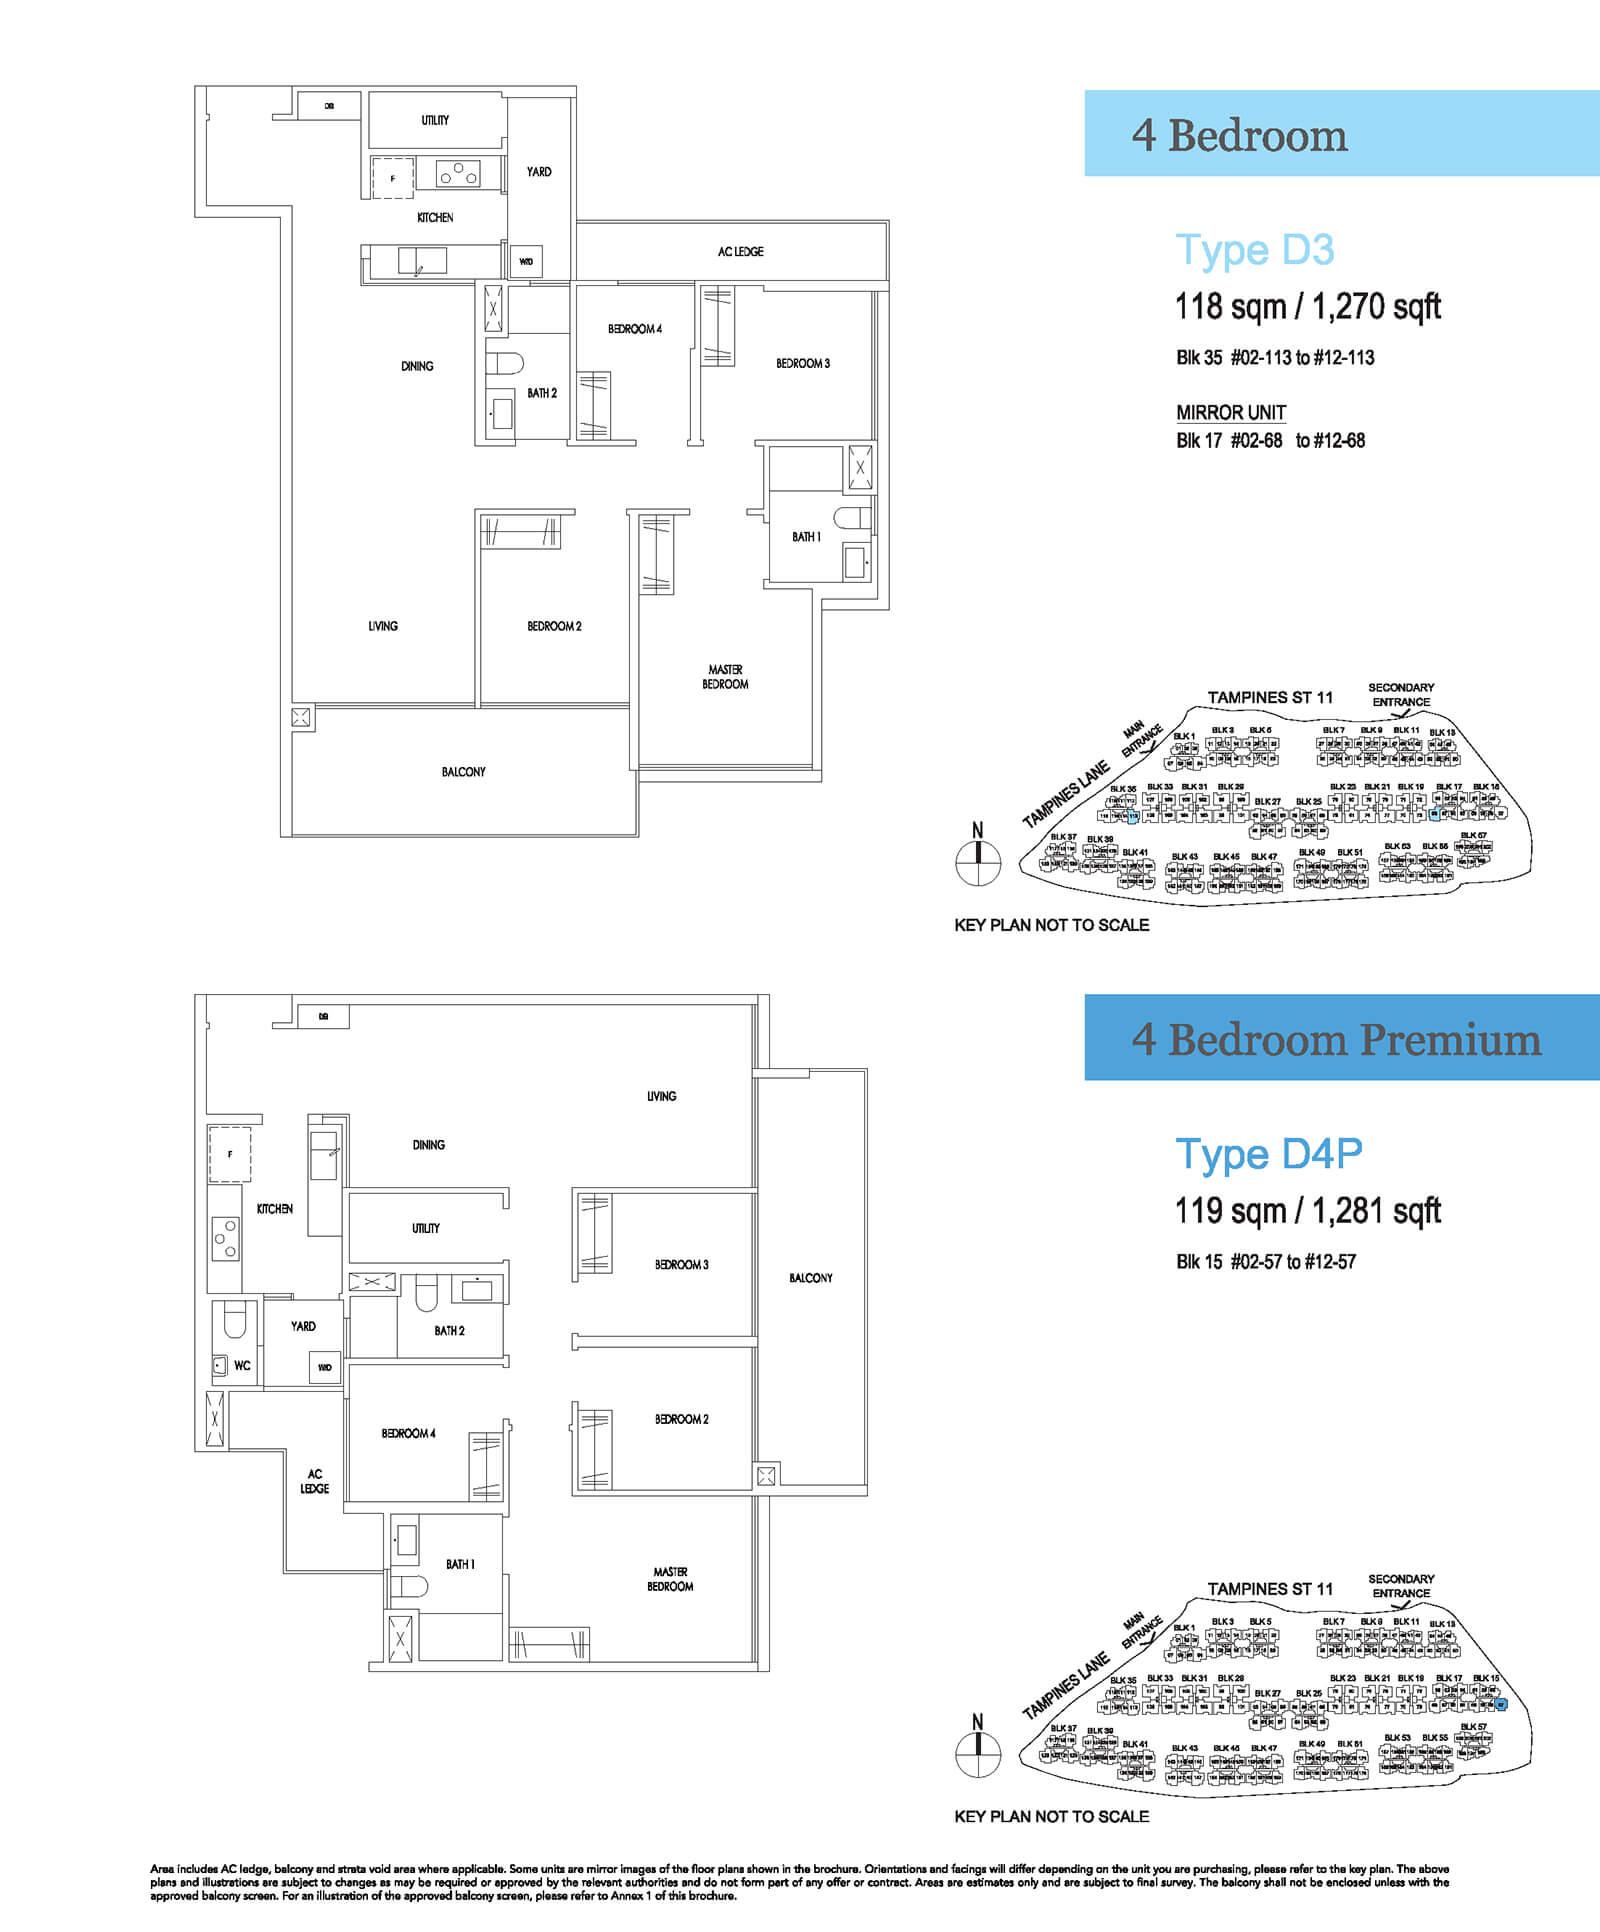 Treasure At Tampines Floor Plan 4-Bedroom Premium D4P